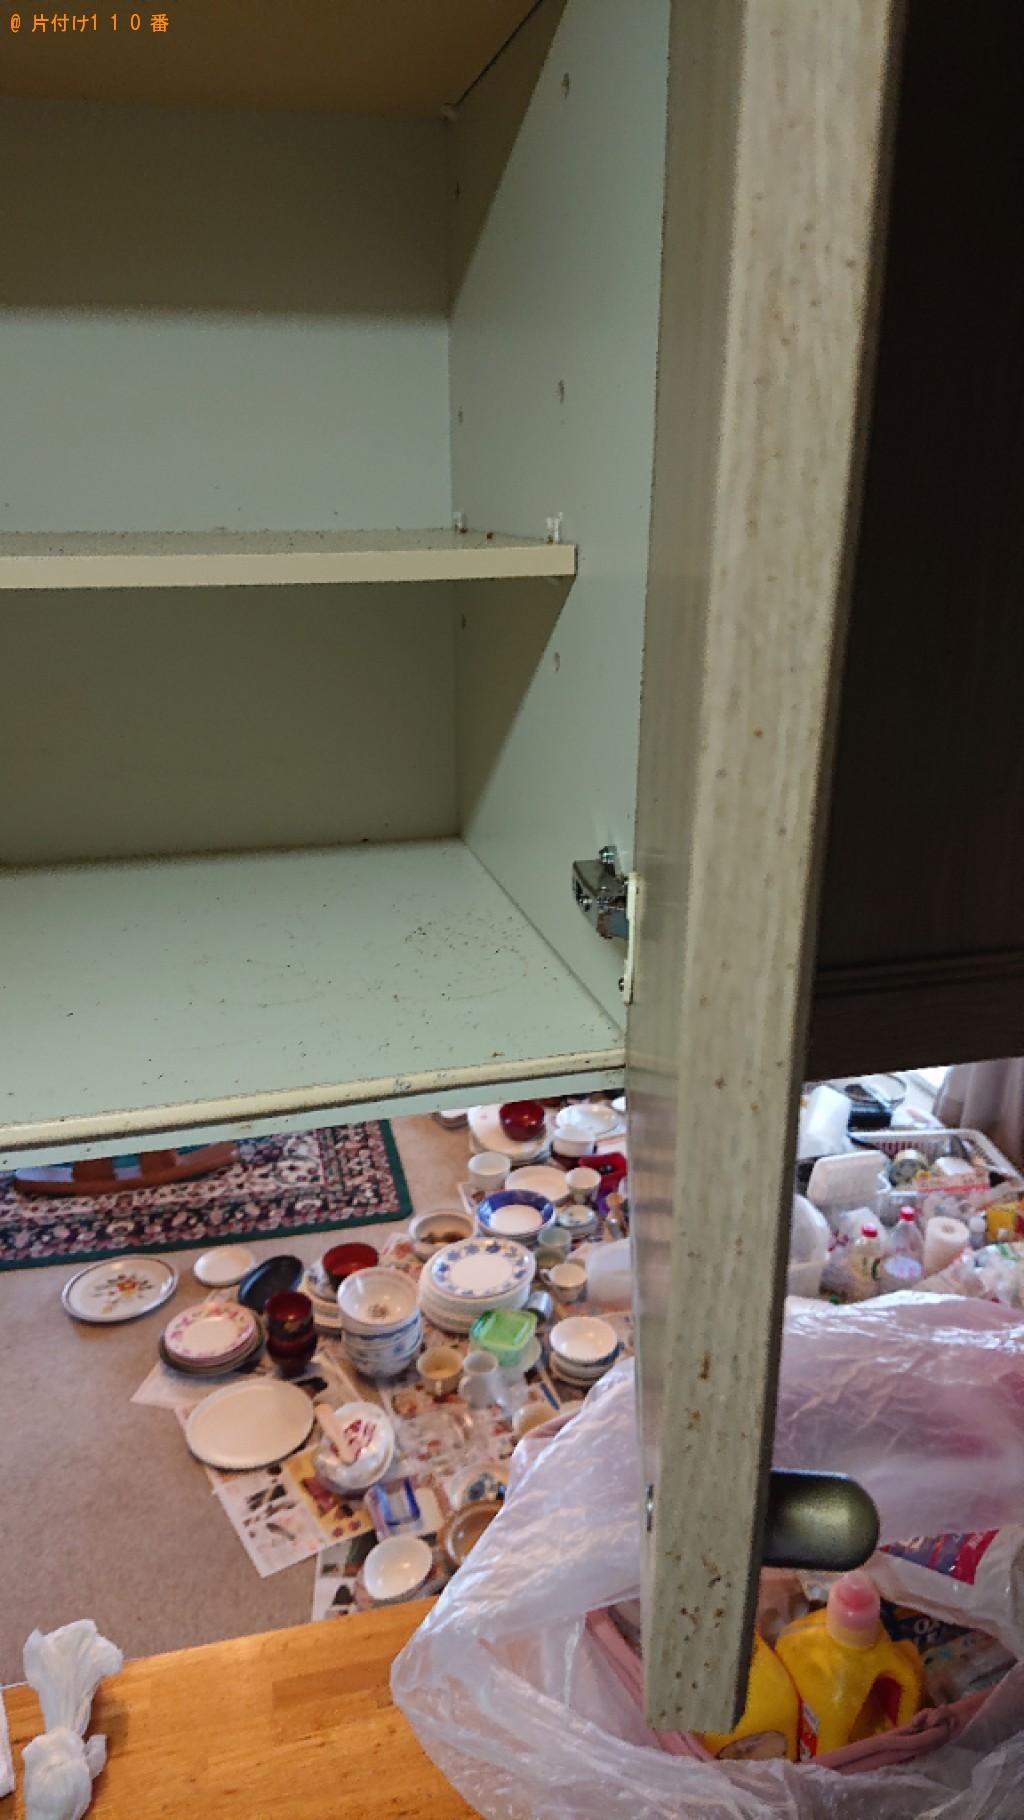 【甲府市】キャビネットの清掃と皿等の回収・処分ご依頼 お客様の声